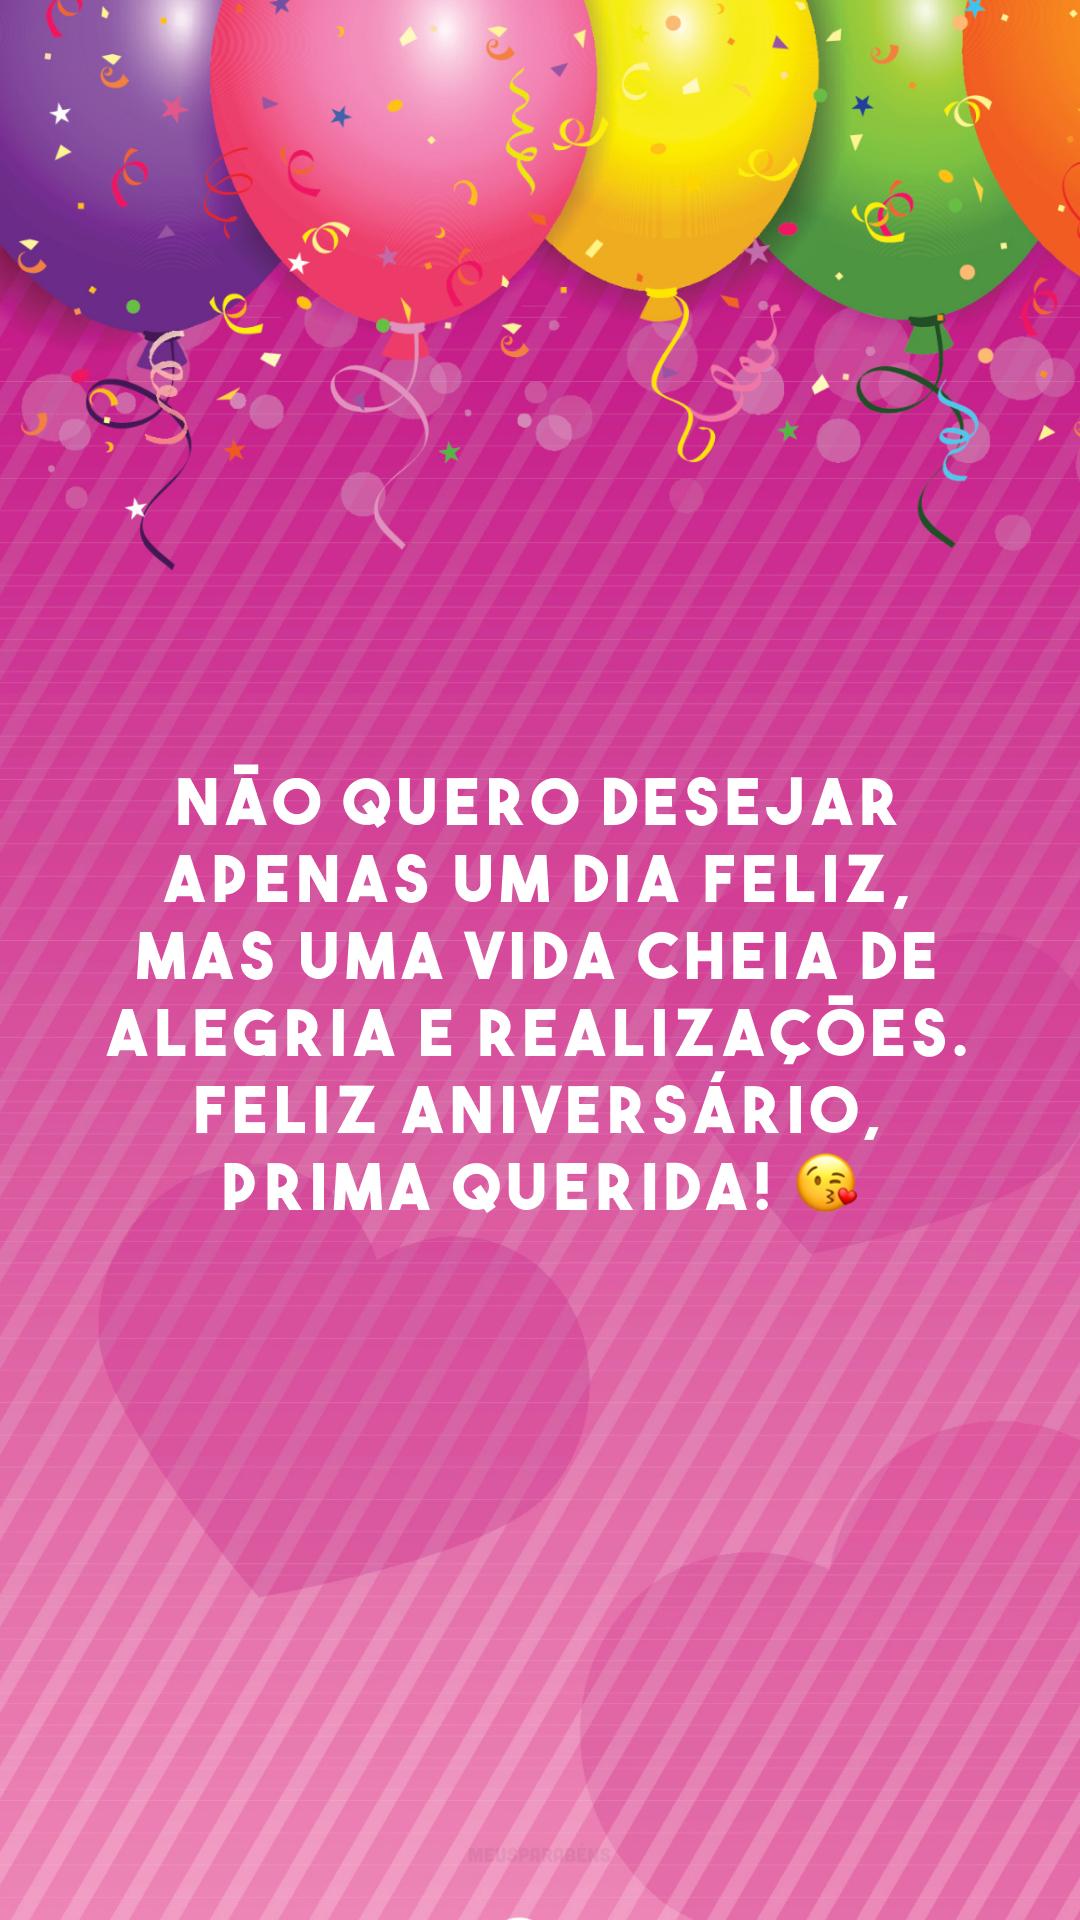 Não quero desejar apenas um dia feliz, mas uma vida cheia de alegria e realizações. Feliz aniversário, prima querida! 😘